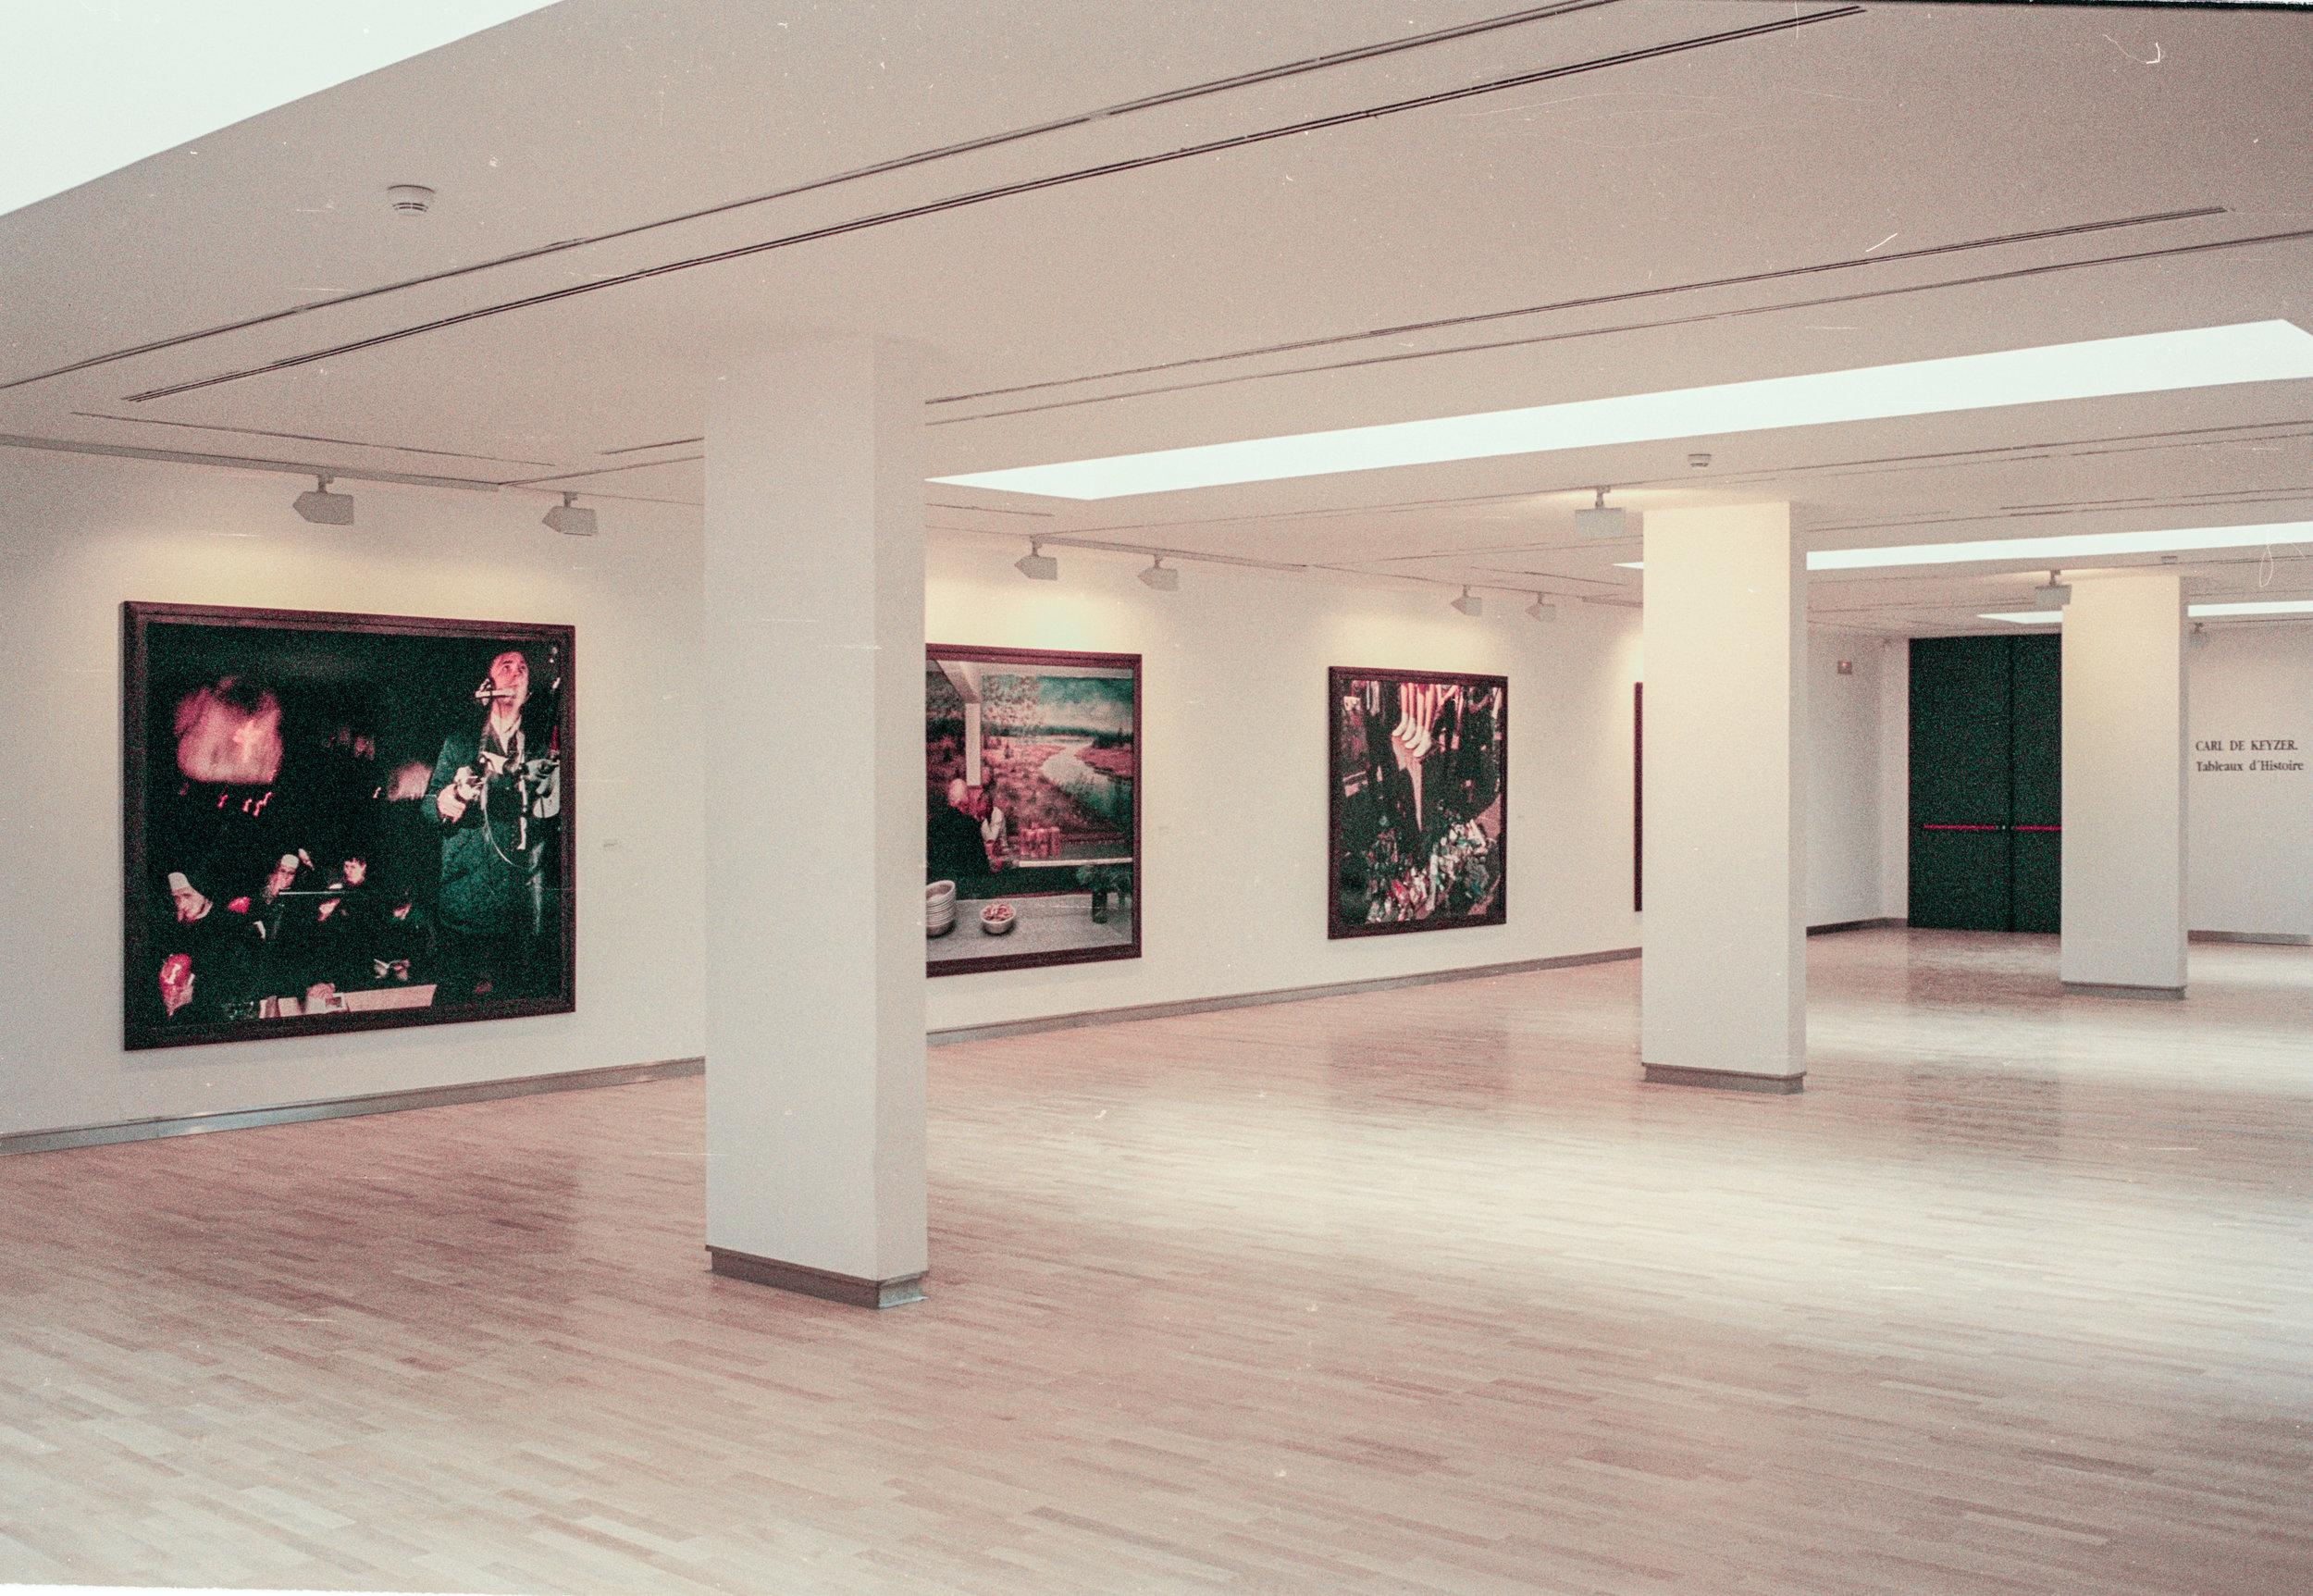 4-07-18-neg-kleur-expo-Salamanca-2002-Tableaux-D-Histoire-13 001.jpg